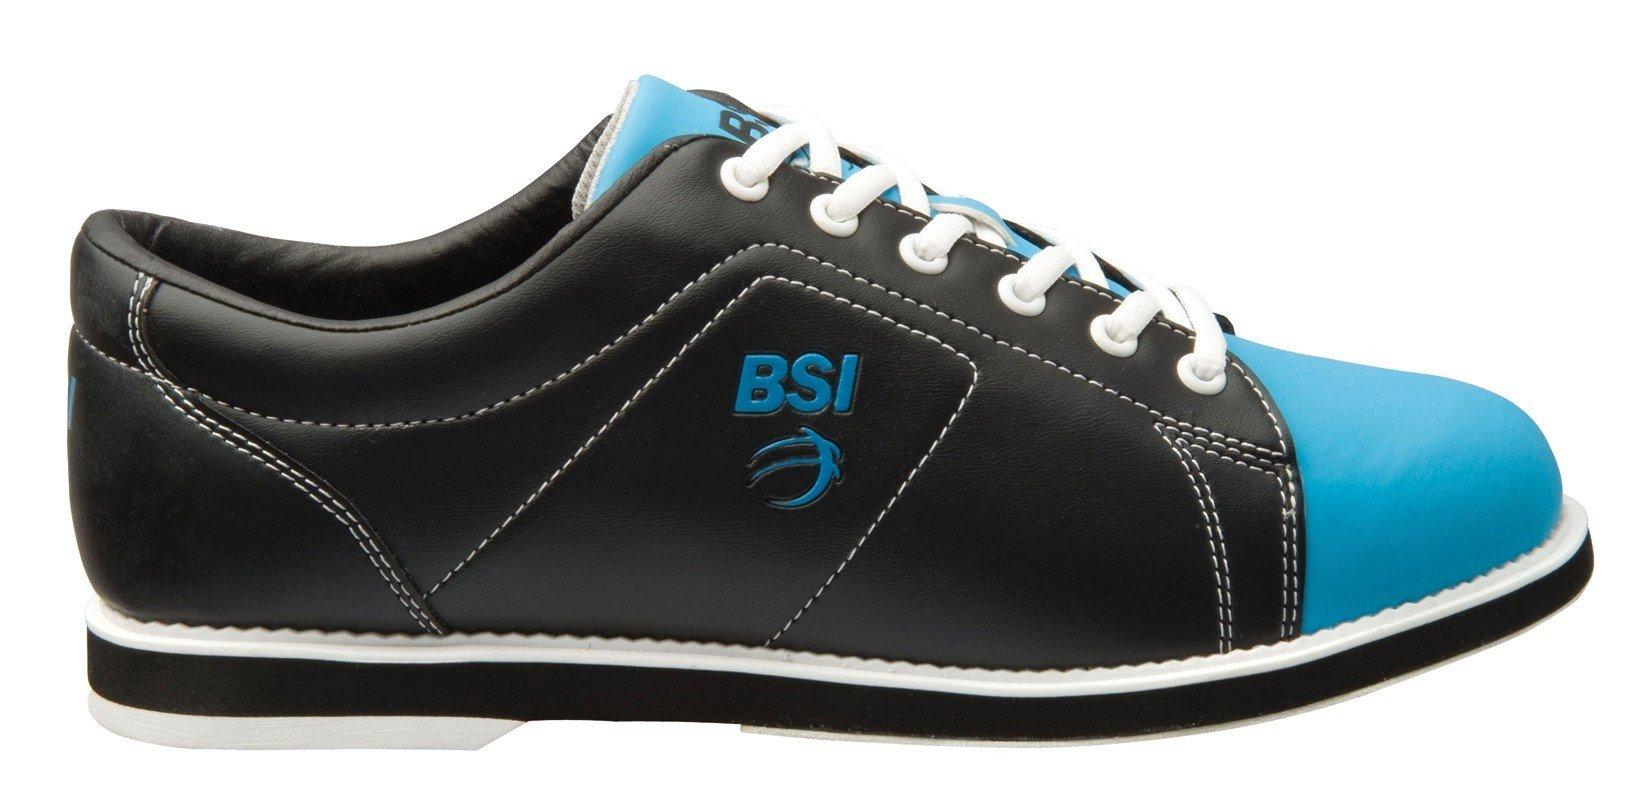 BSI Women's Classic  Bowling Shoe, Black/Blue, 9